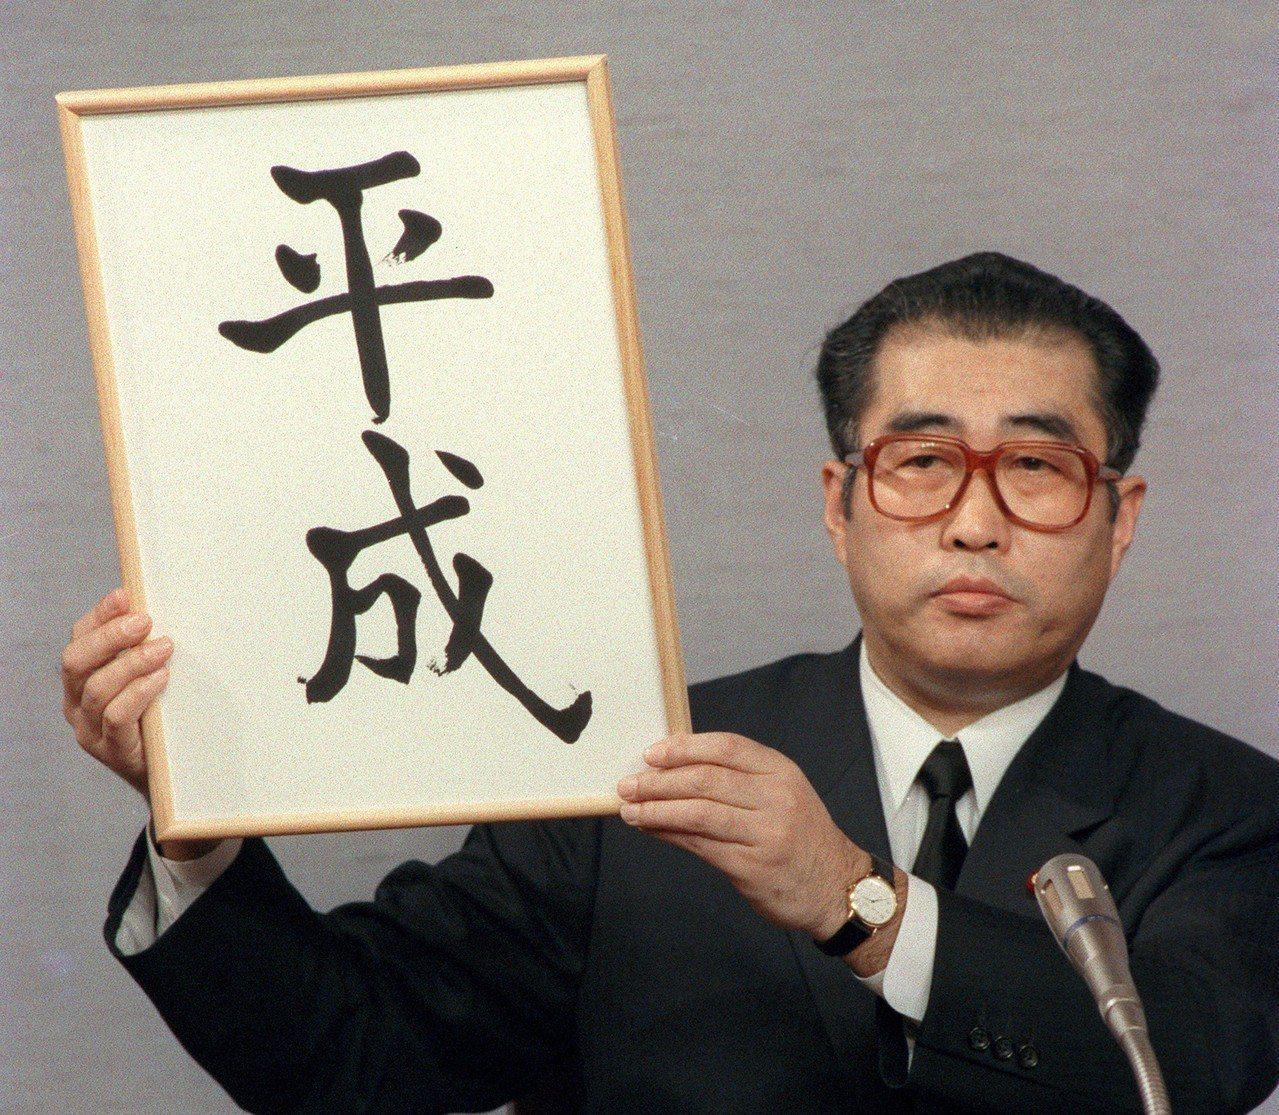 日本股市在今天平成最後一天交易日以小跌收盤,明天起日本將進入史上最長的10連休黃...